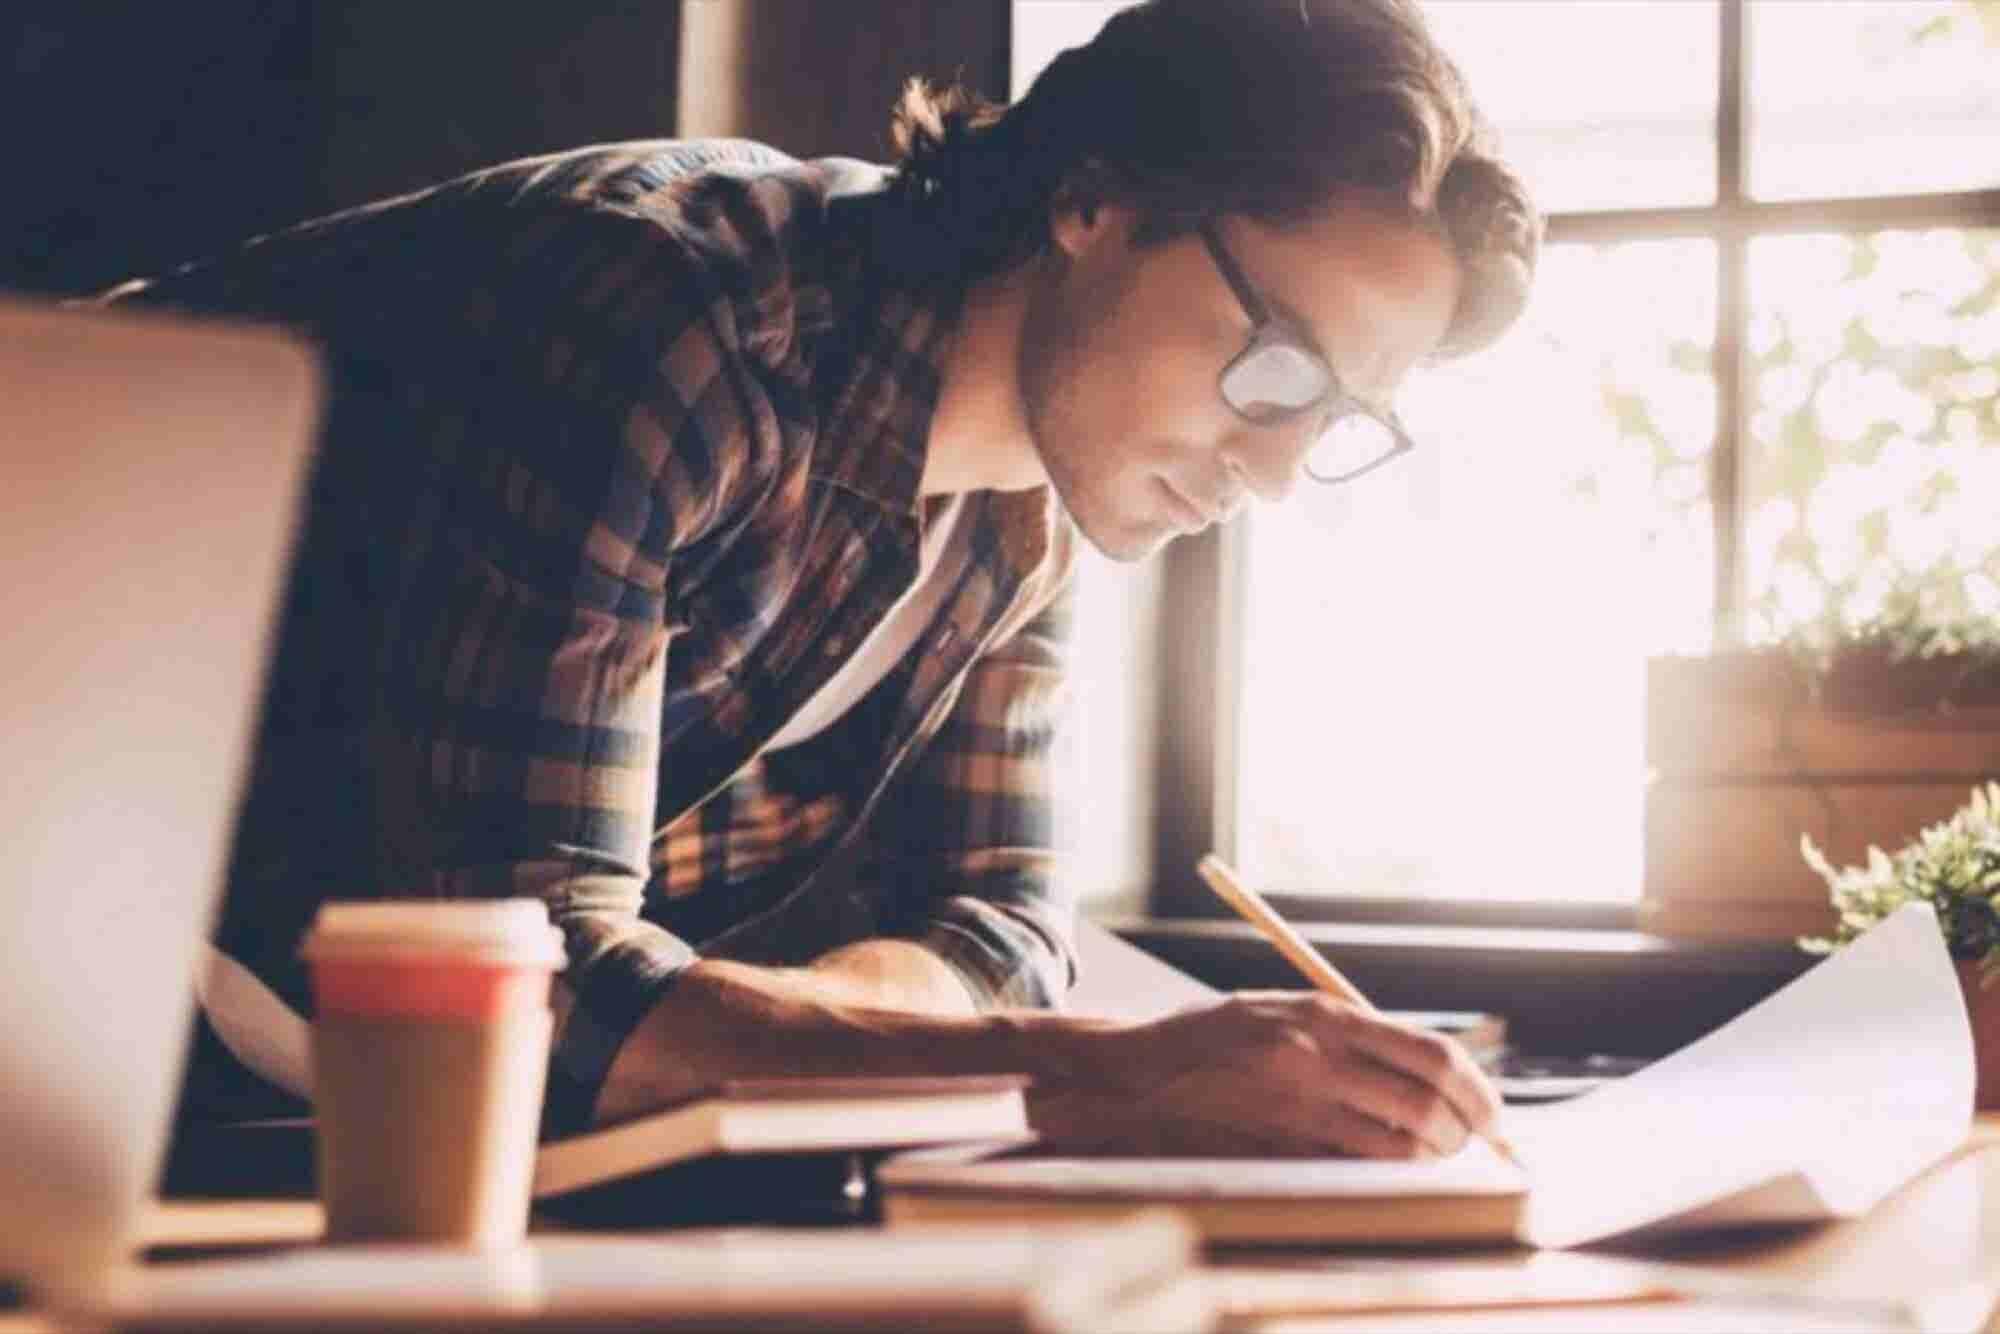 Sigue estos 8 pasos para mantenerte enfocado y alcanzar tus metas